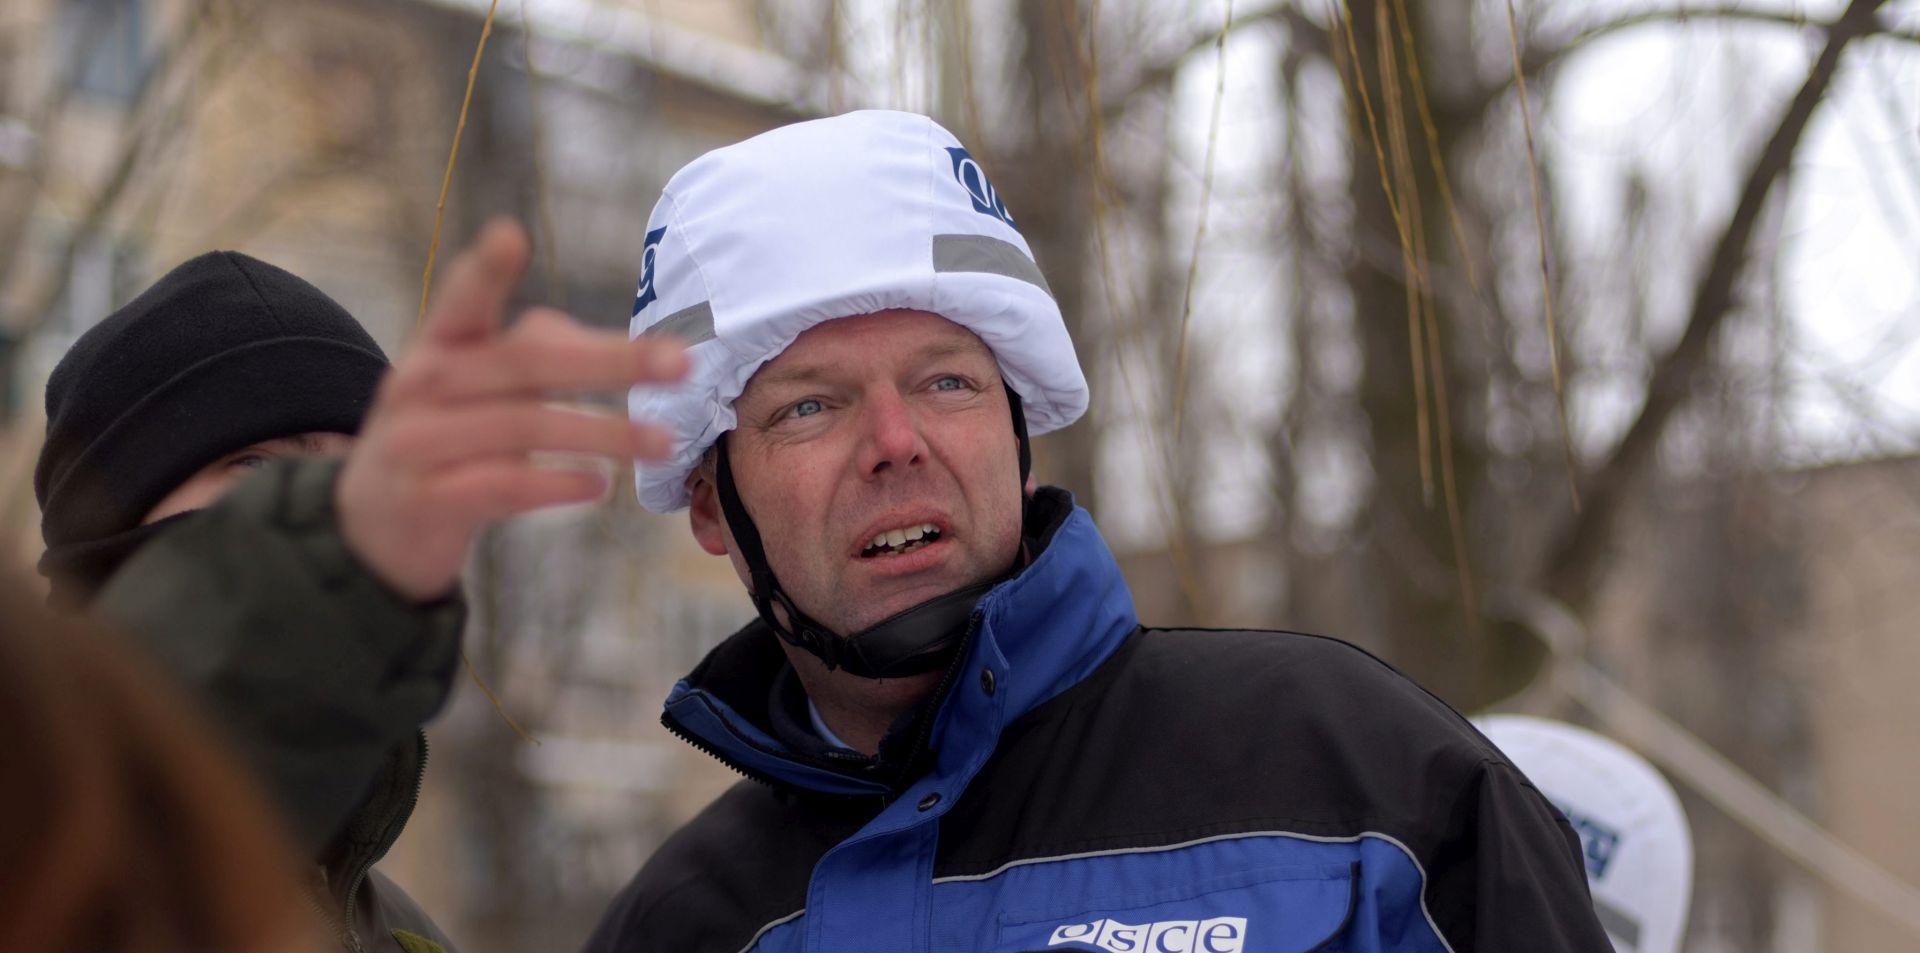 Promatrač OESS-a ubijen u Ukrajini Amerikanac, ranjeni Čeh i Nijemac